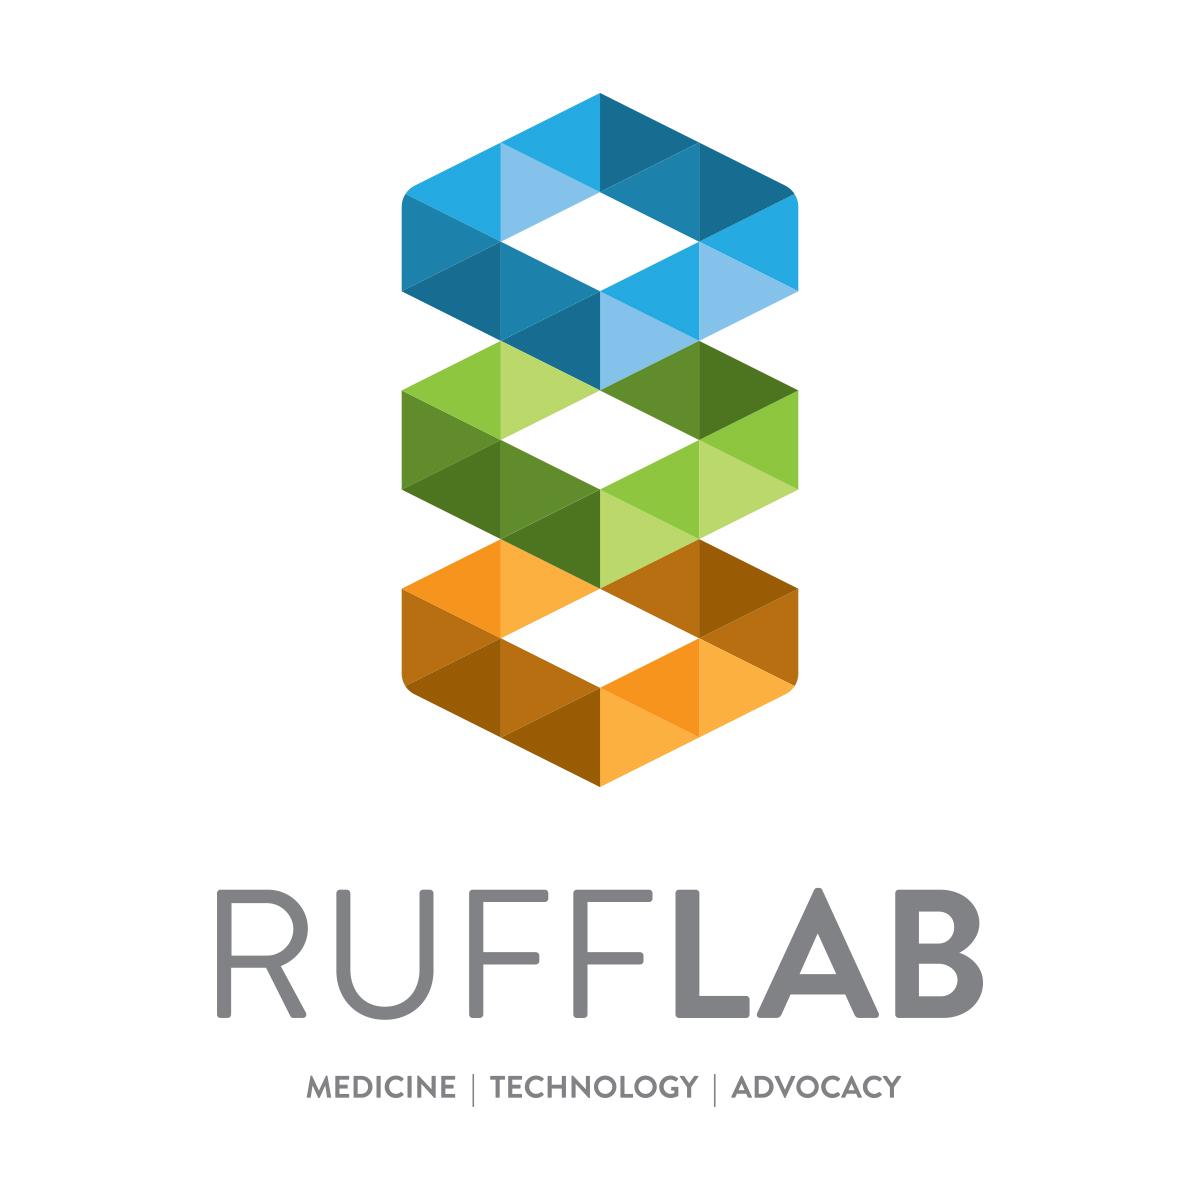 RuffLab logo design by logo designer Timber Design Company